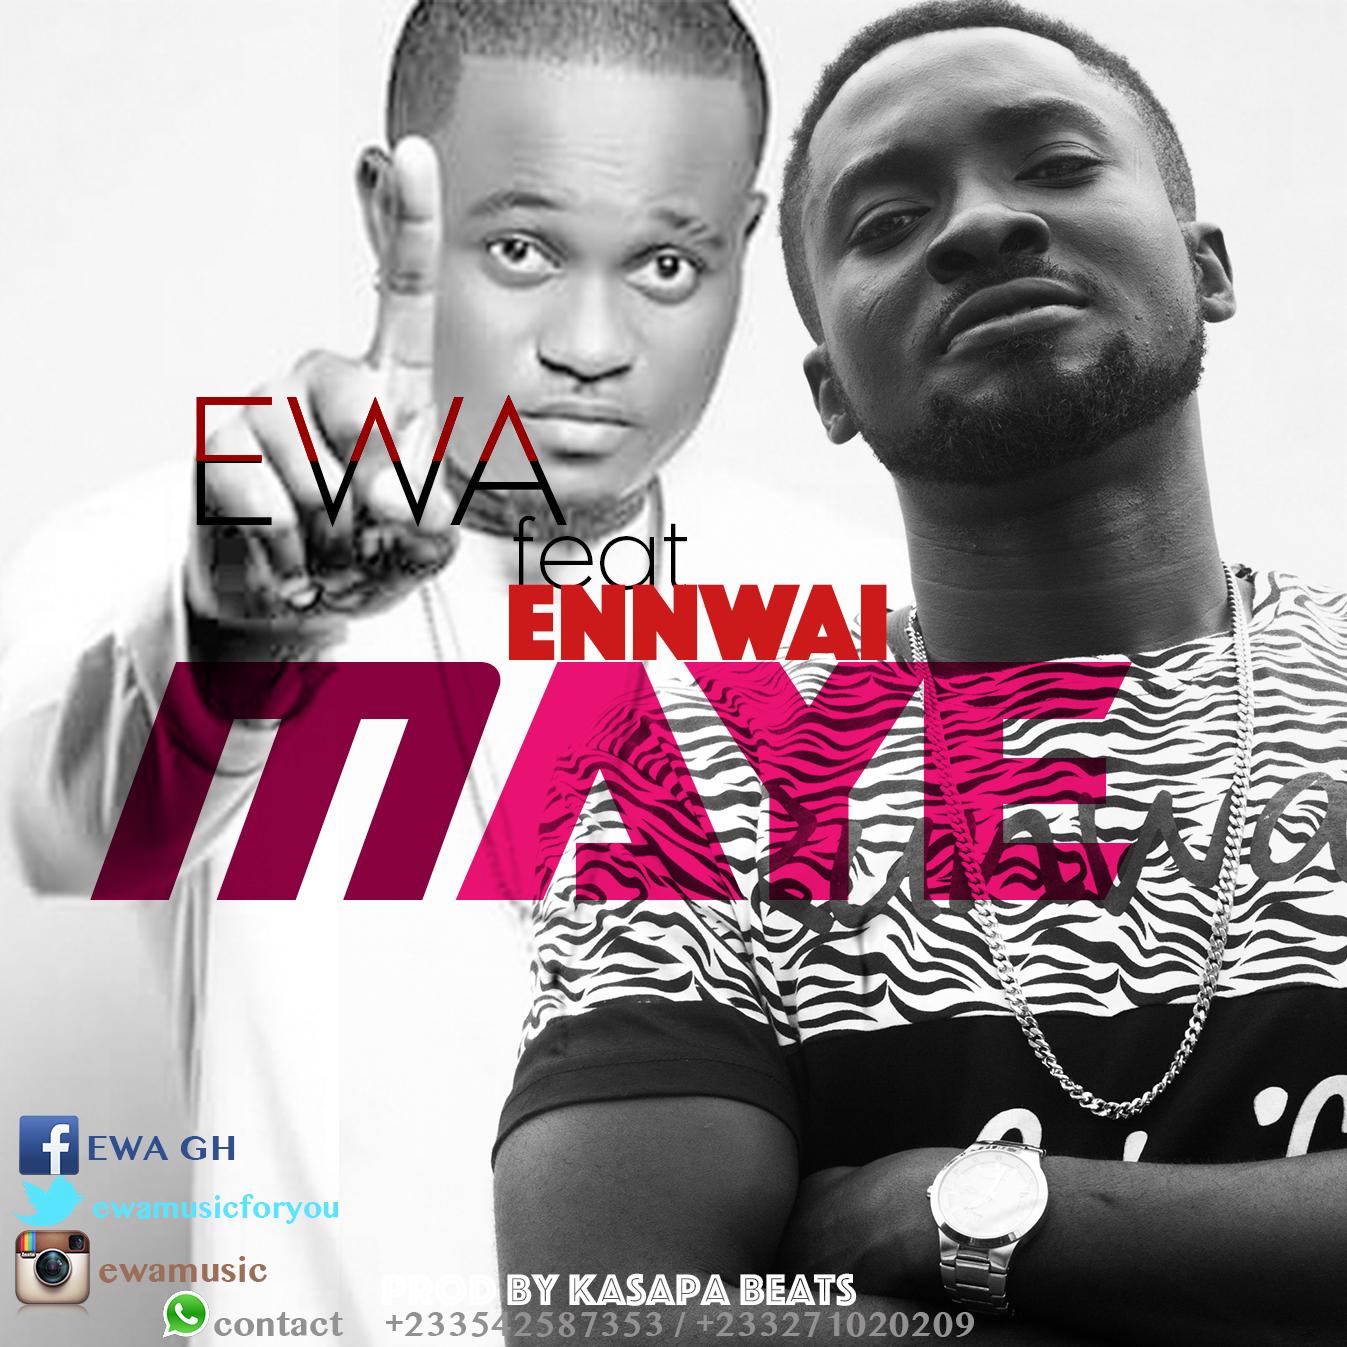 EWA ft Ennwai Dobble May prod by Kasapa Beatz